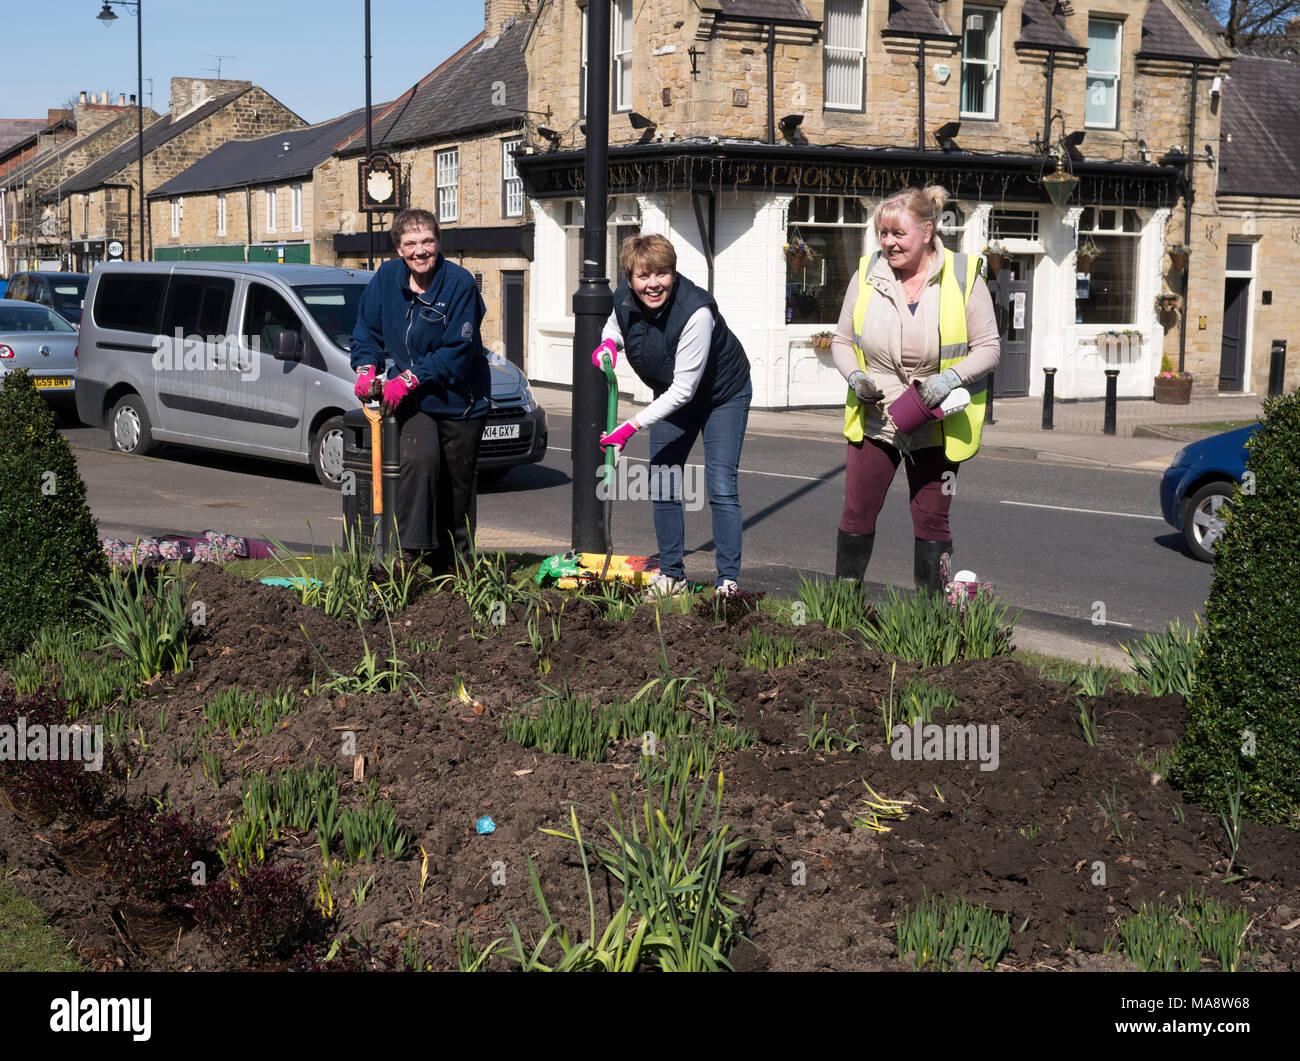 washington-in-bloom-group-volunteers-at-